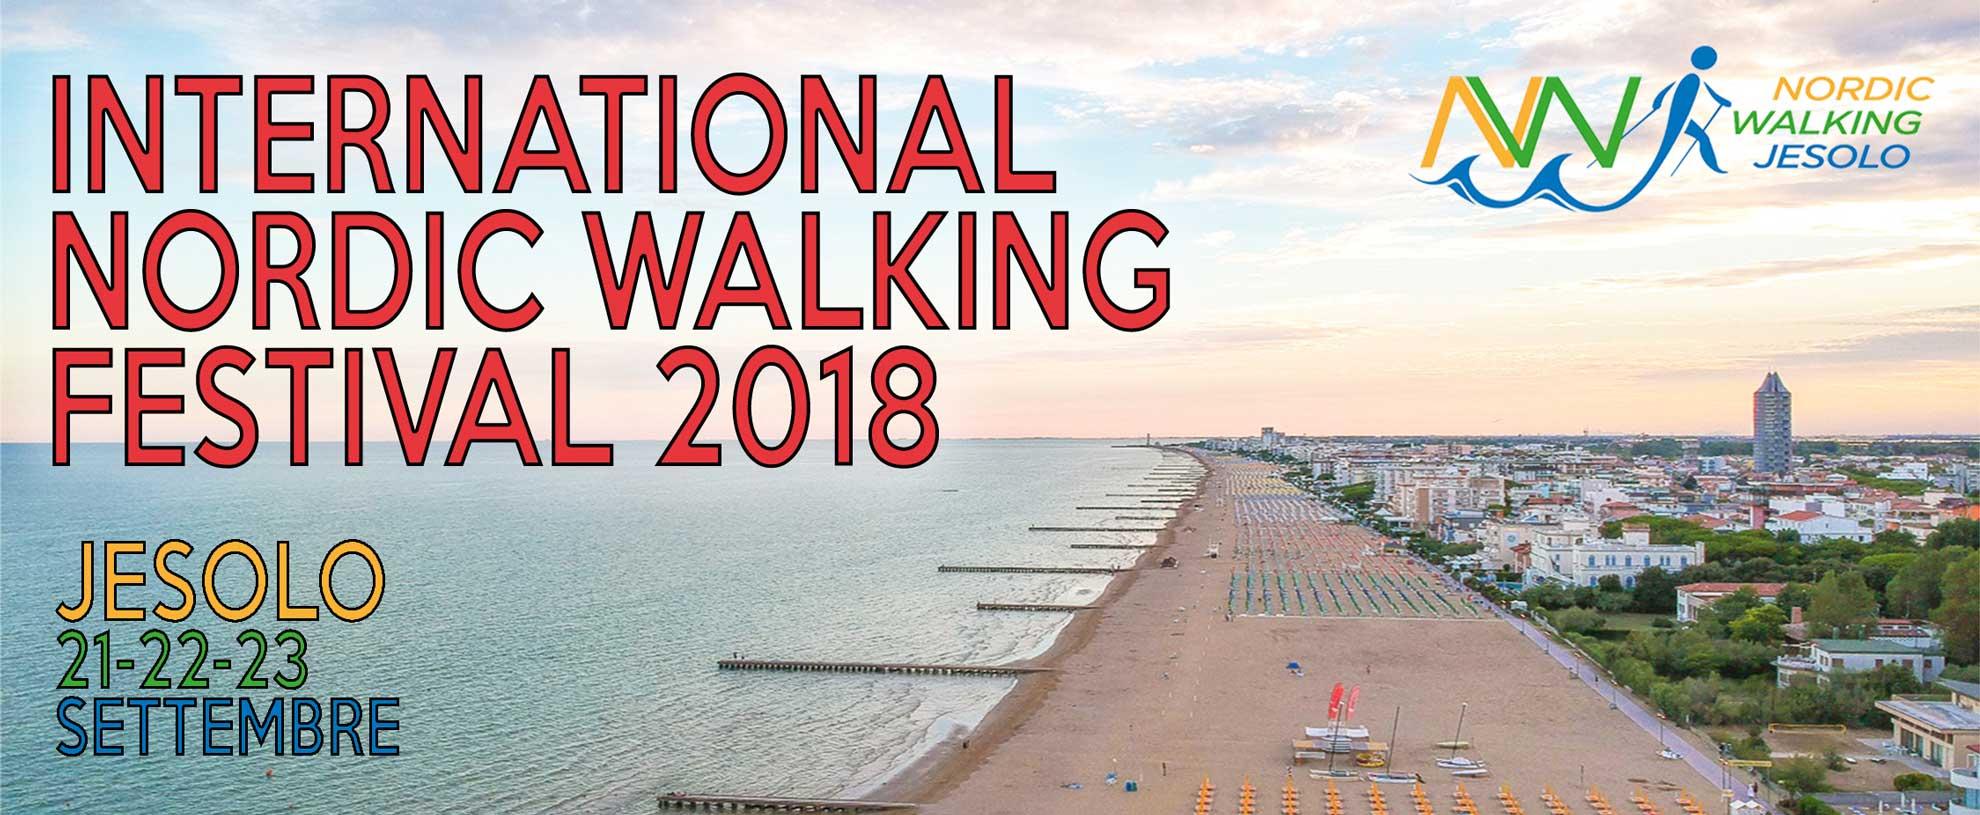 Dal 21 al 23 settembre Jesolo capitale del Nordic Walking con l'International NW Festival